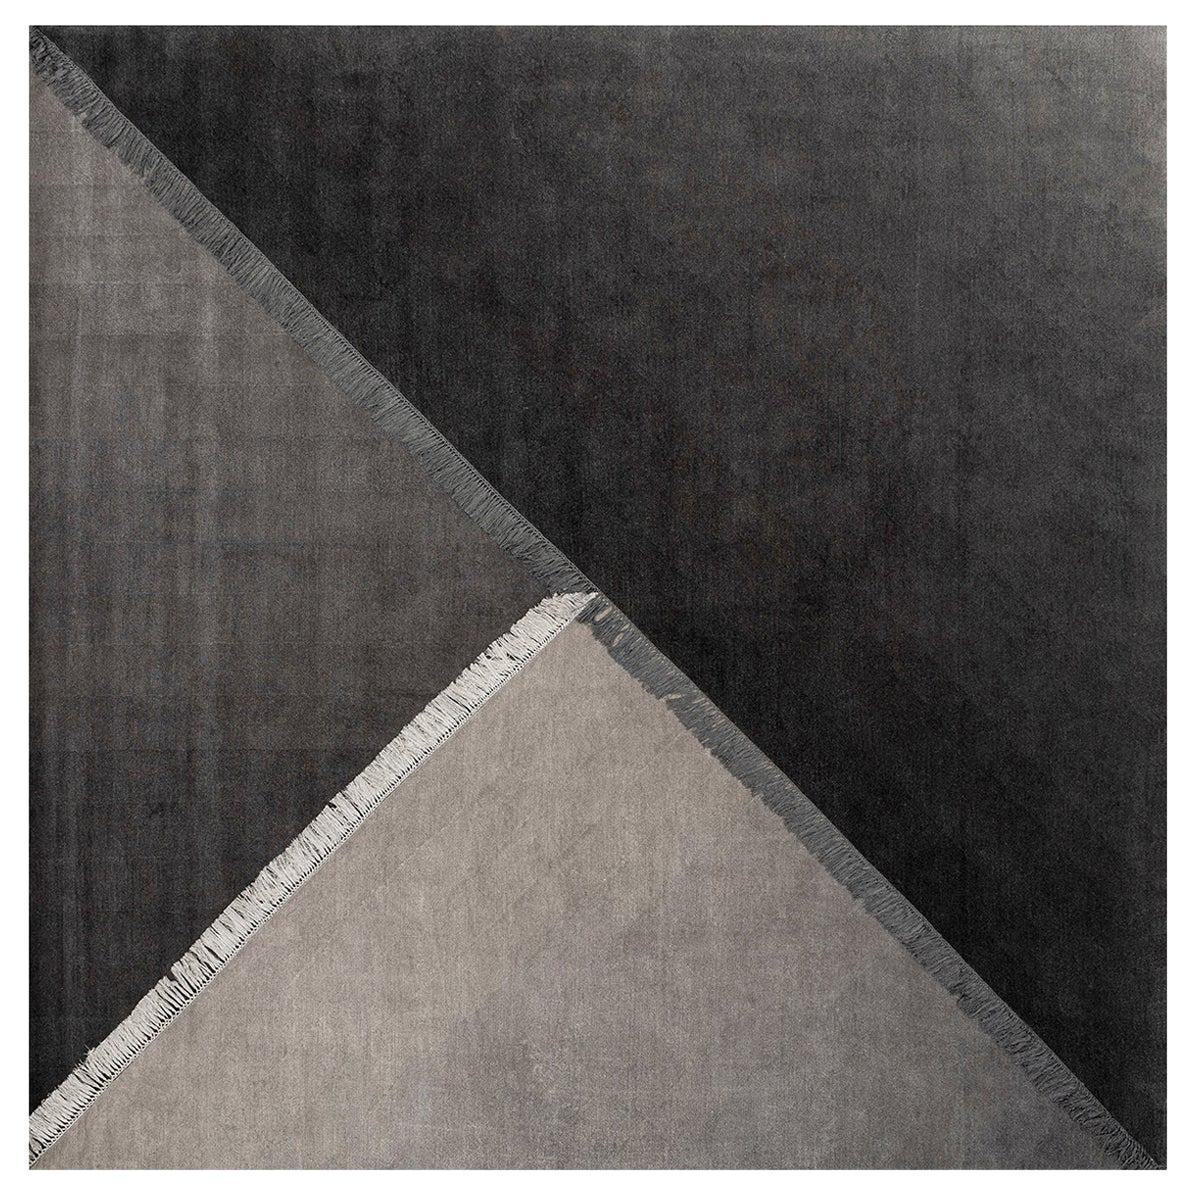 SAN D Square Rug by Studio HVN